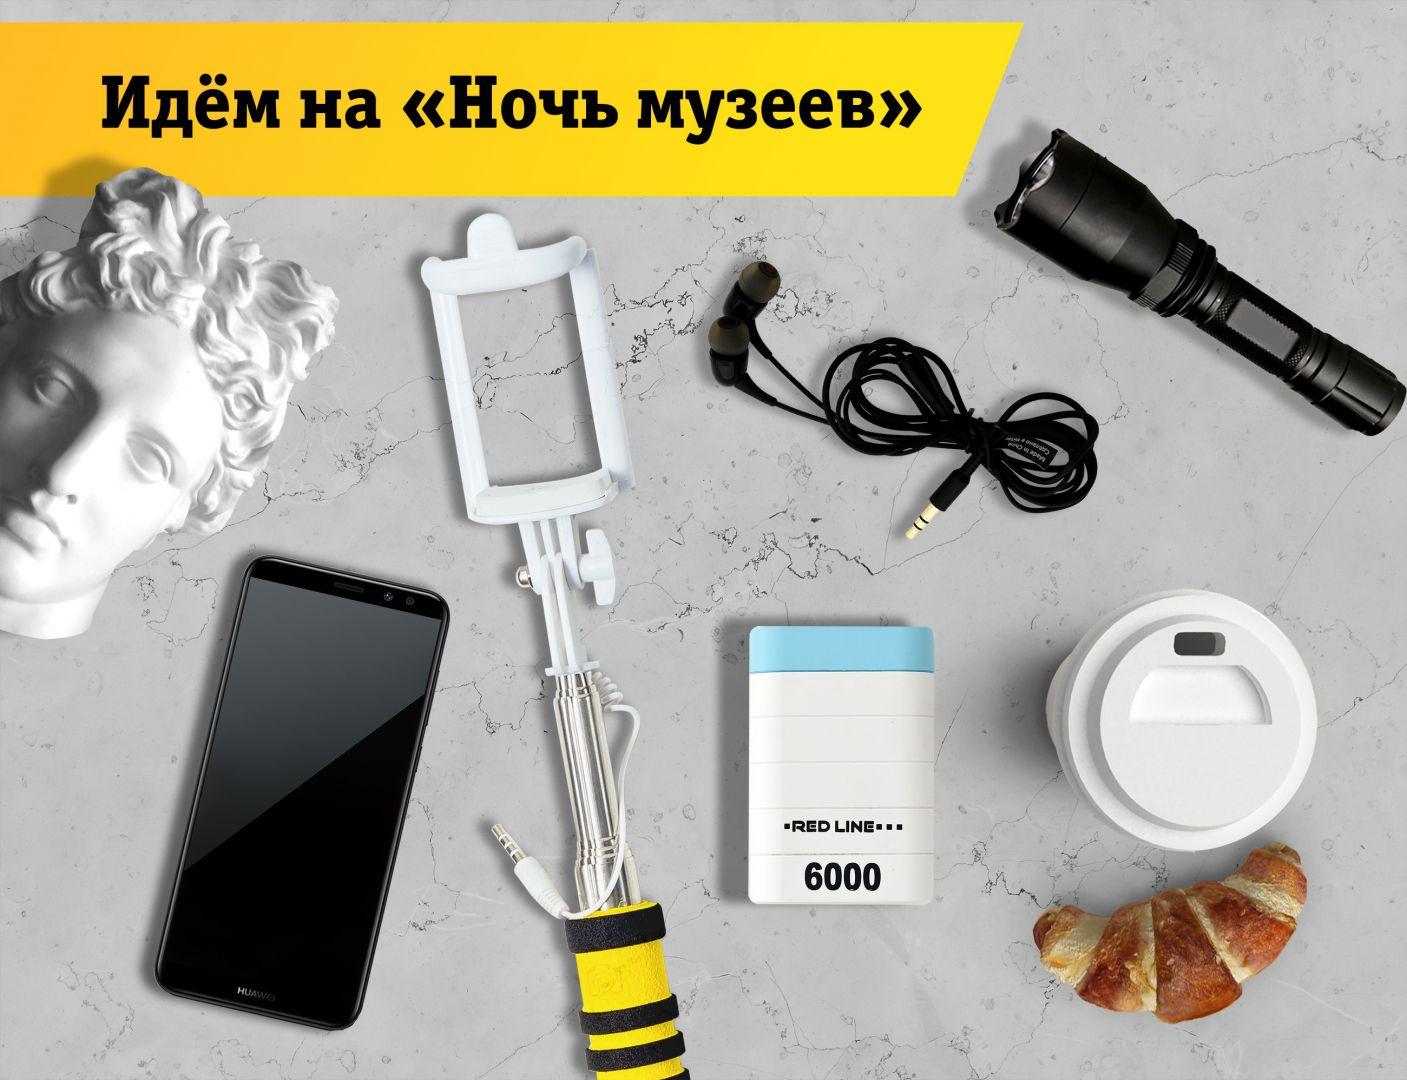 Жители Ставрополя готовят свои гаджеты к «Ночи музеев»